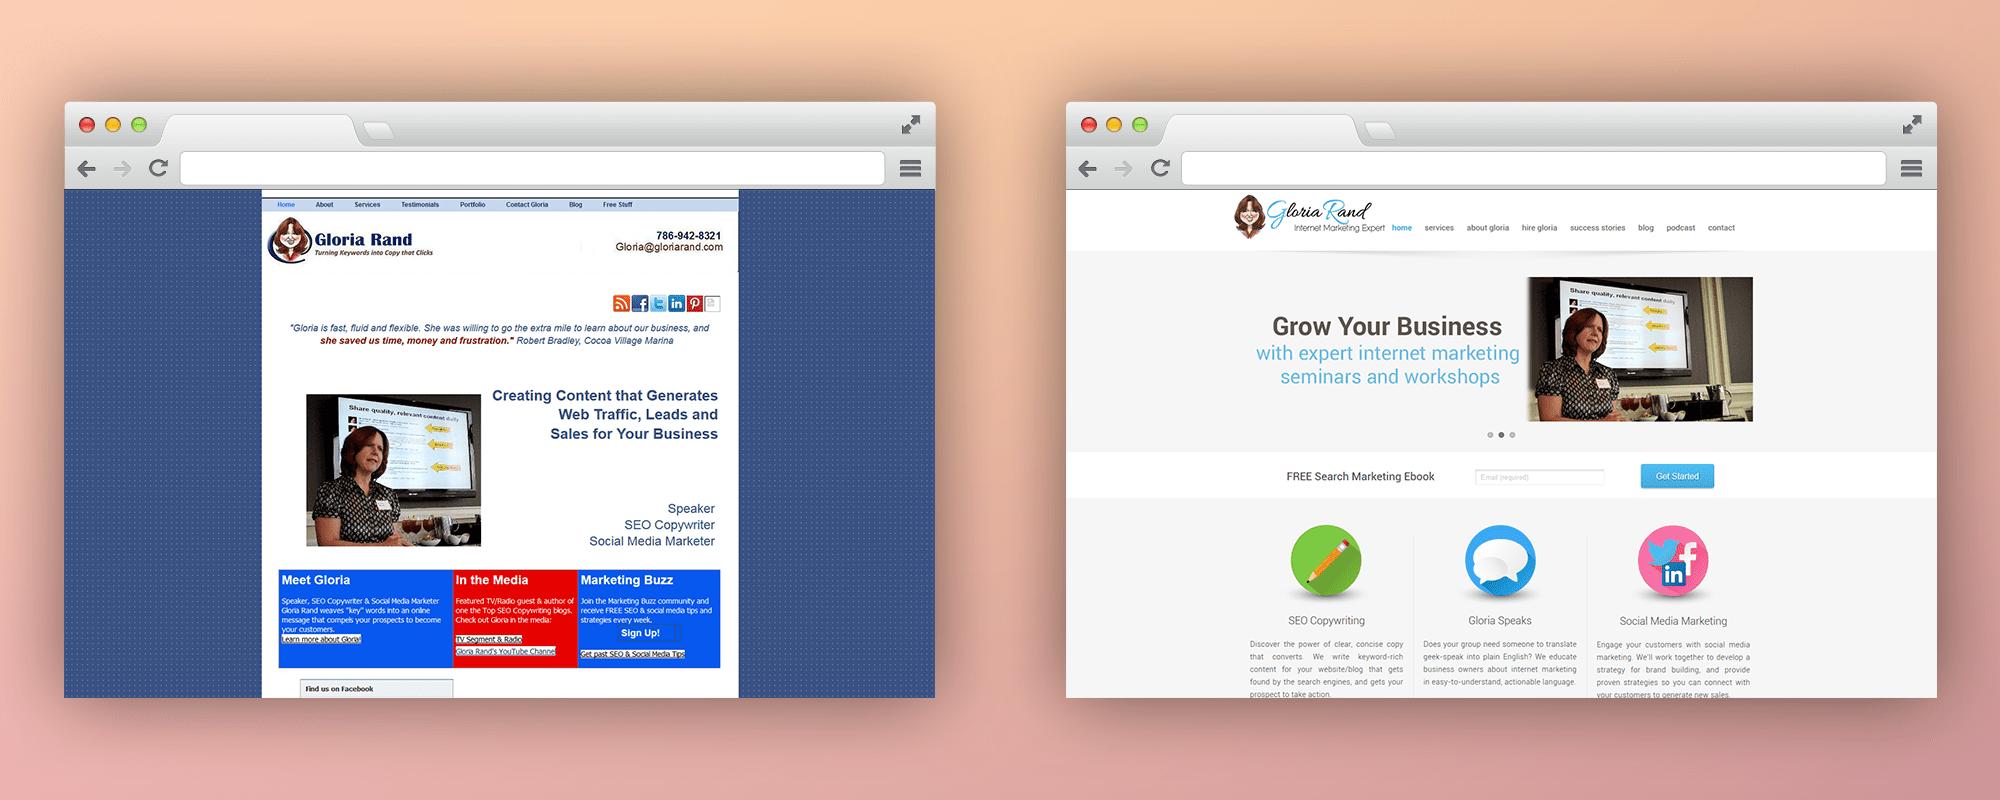 Gloria Rand BA Home-Website-Design